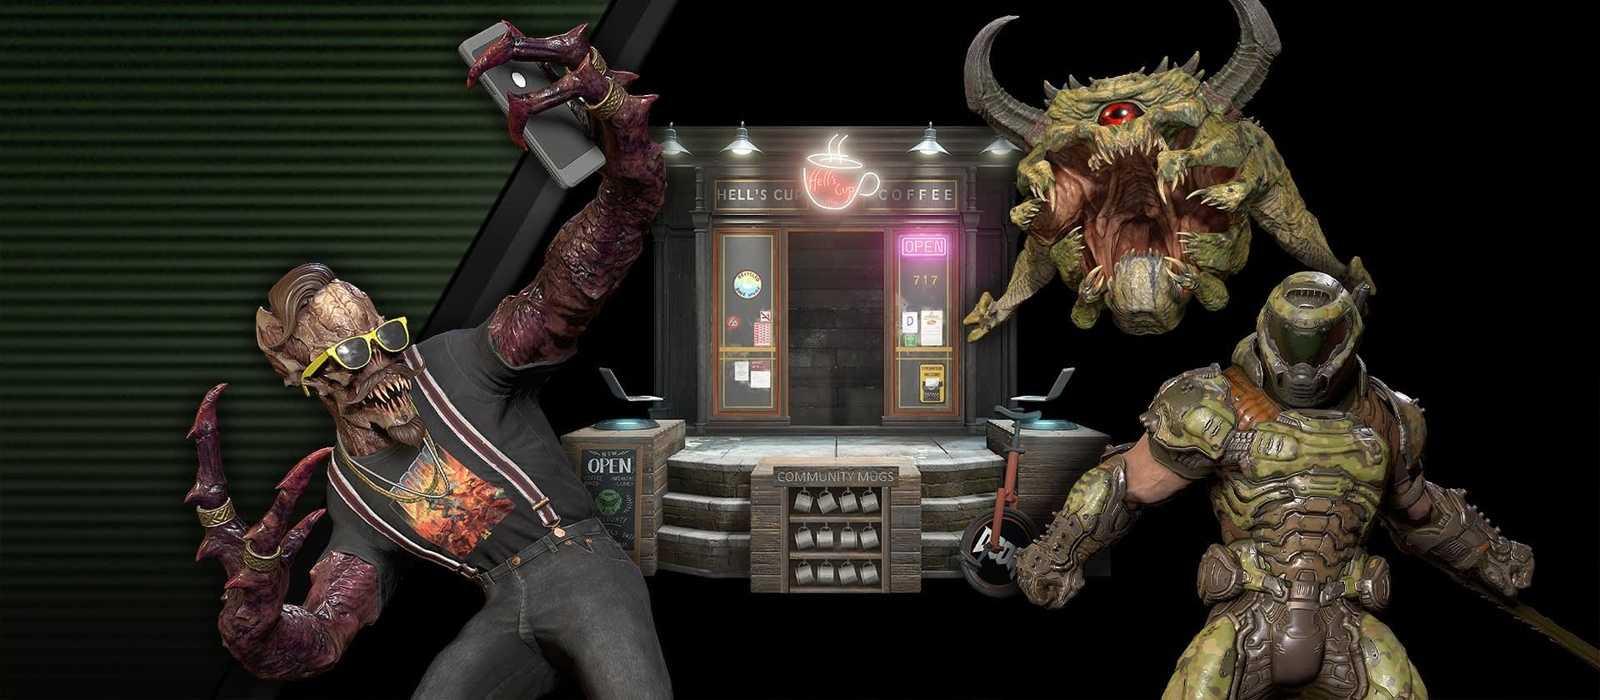 Hipster Dämon ist in Doom Eternal mit einem kostenlosen Update erschienen. Er ist auch ein Barista